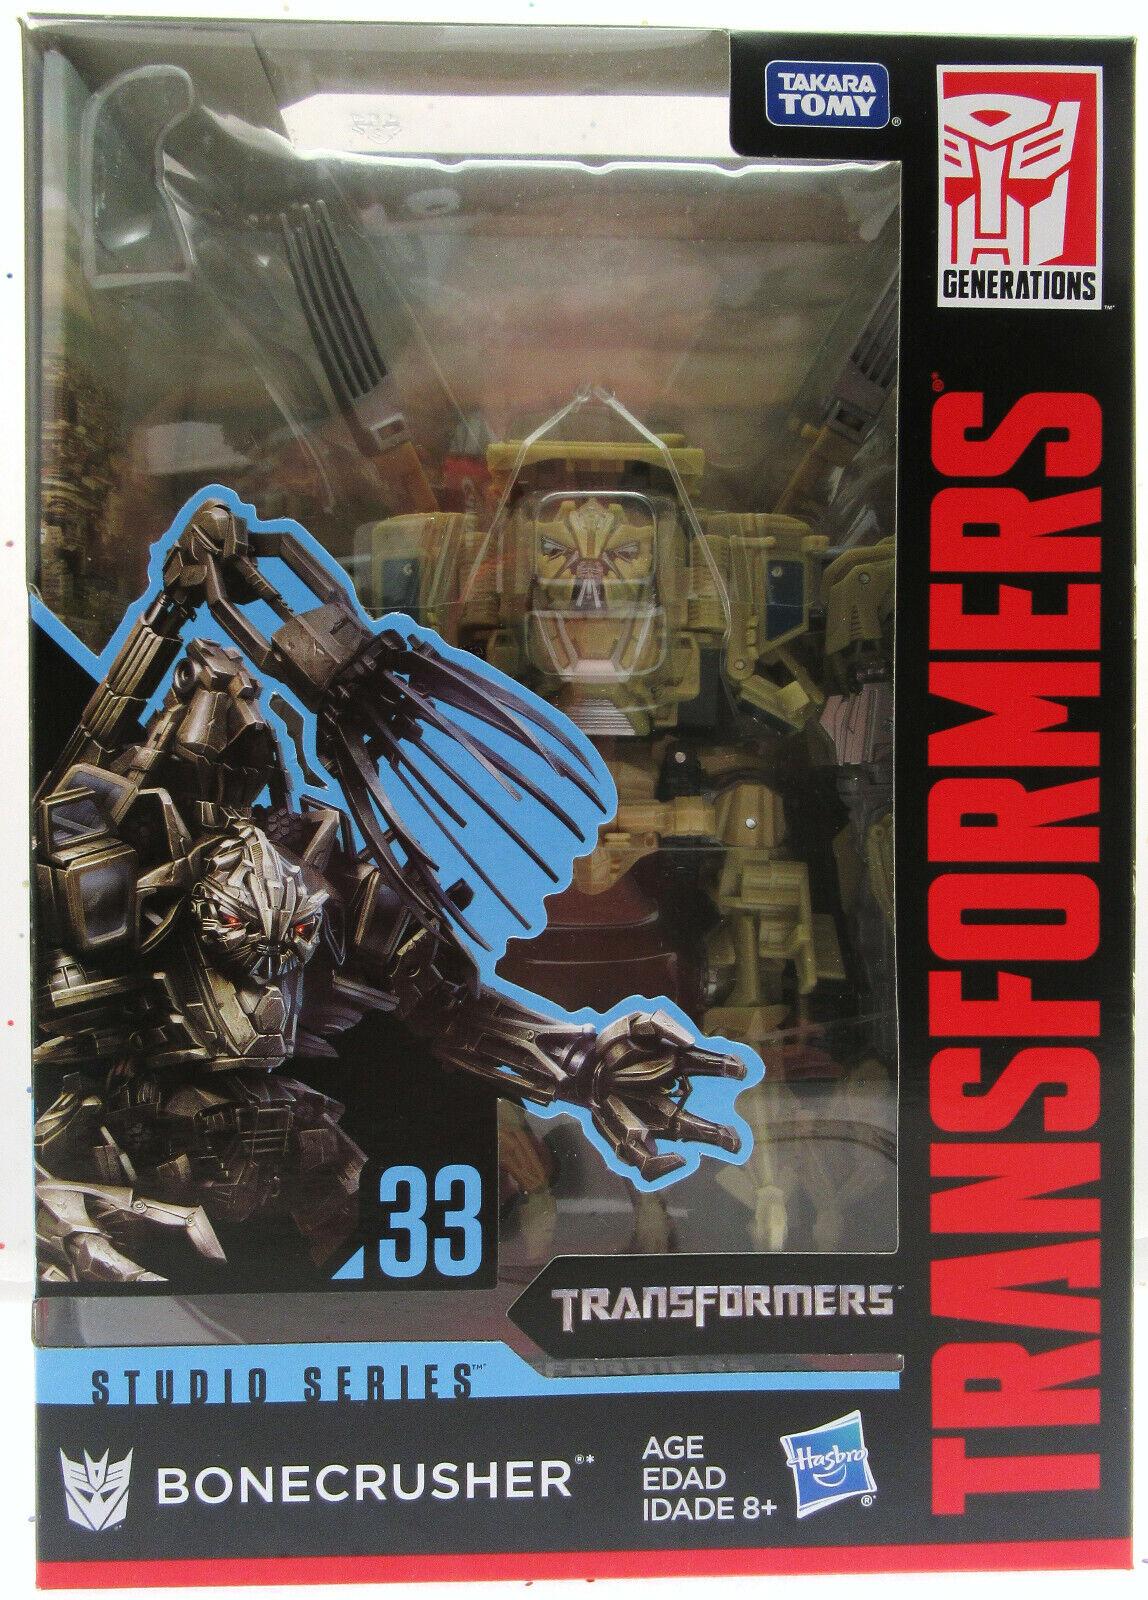 Transformers Bonecrusher 33 Studio Serie Decepticon Hasbro